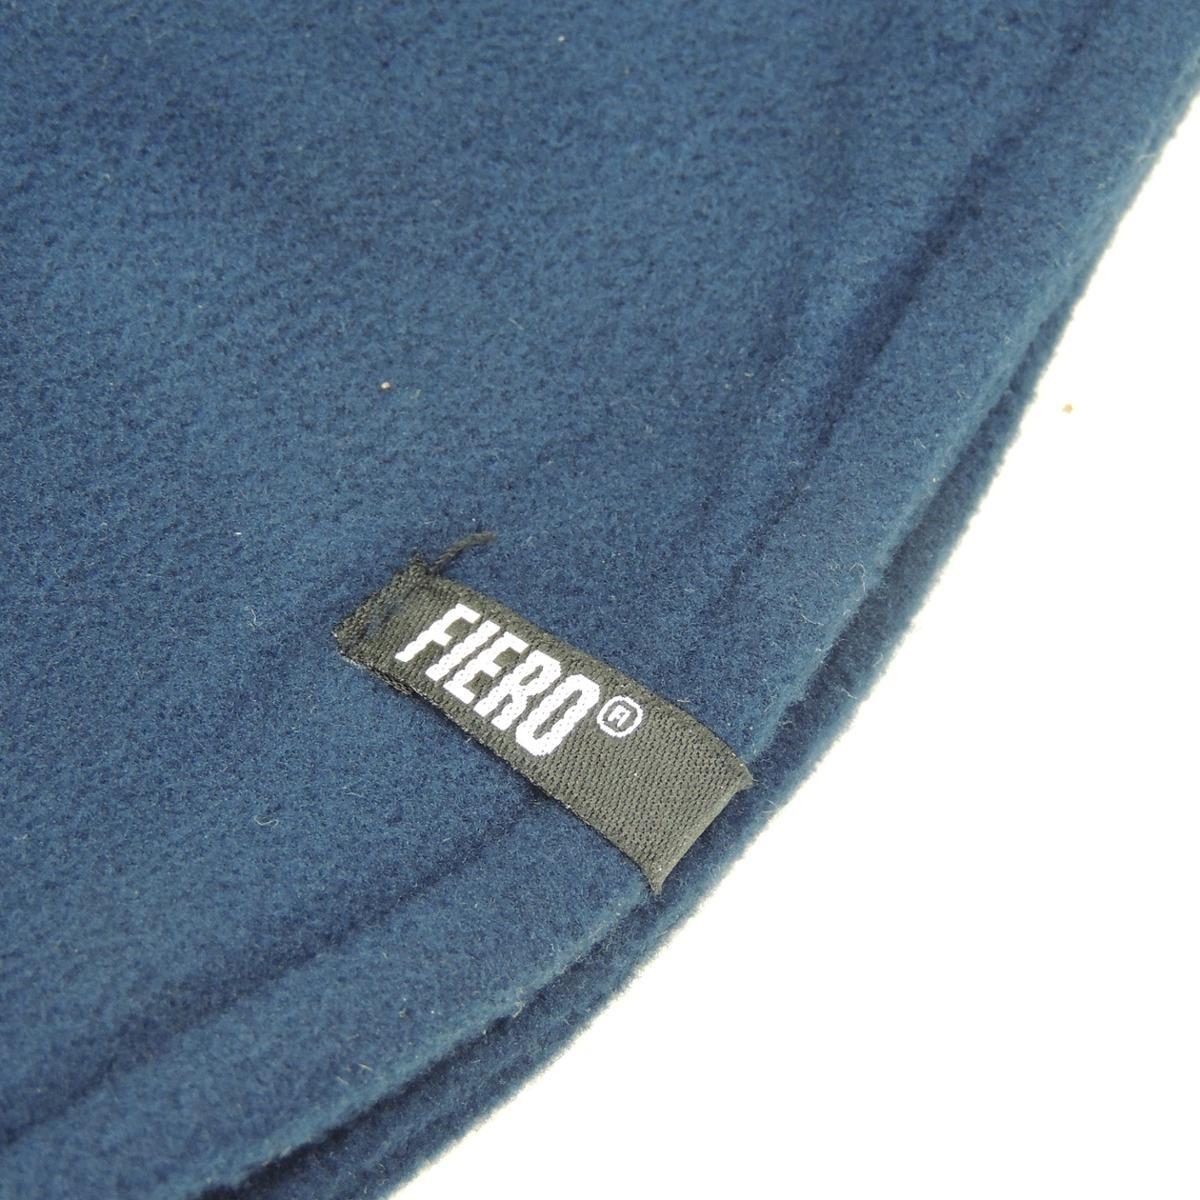 ... 3 em 1 Térmico Thermo Fleece (Gorro ab4d6aaac92